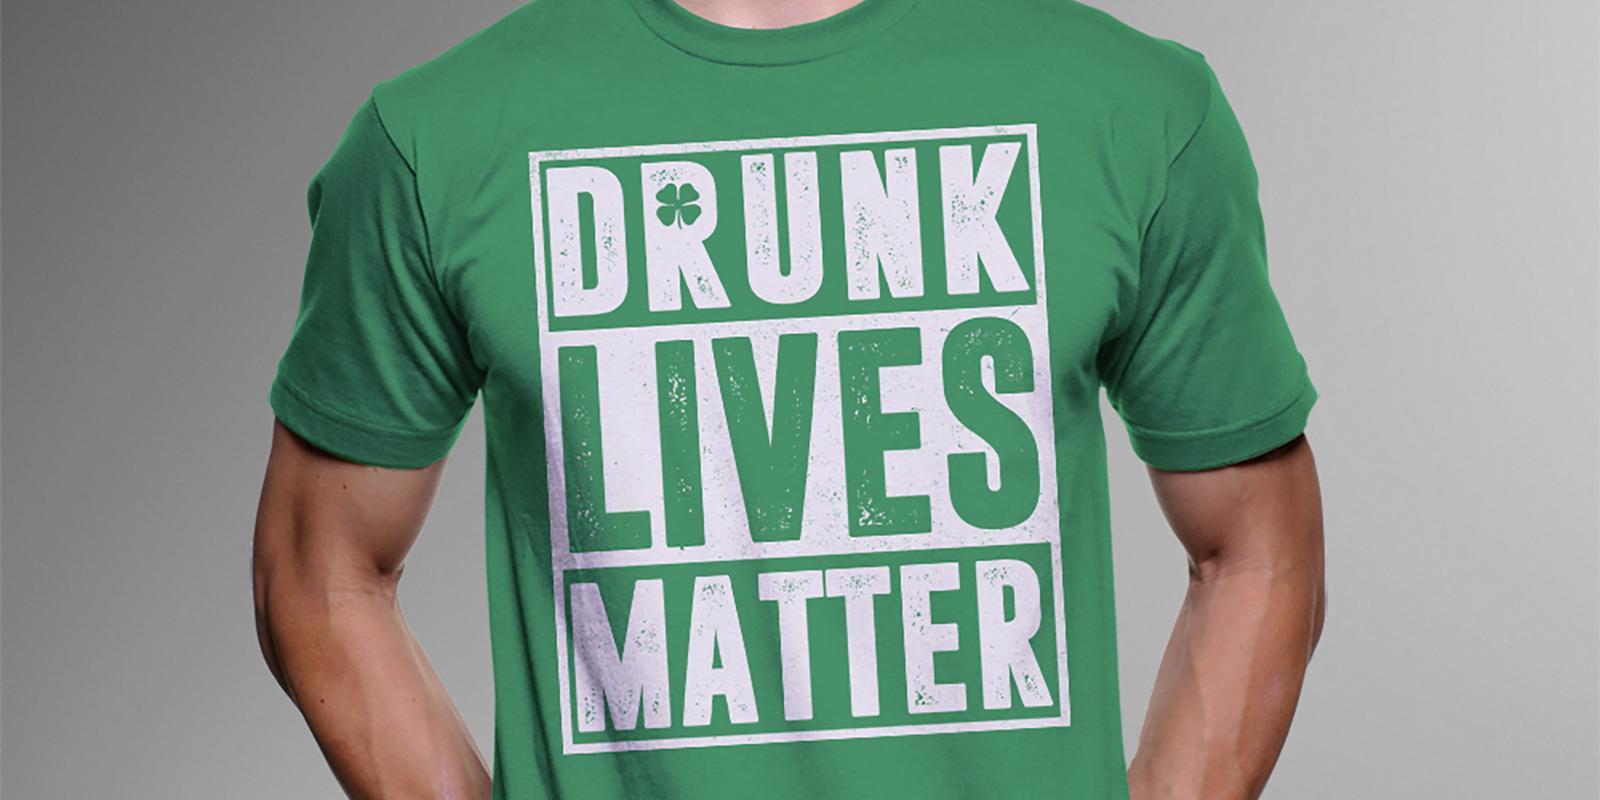 Drunk-Lives-Matter-Mockup-1489760802433.jpg